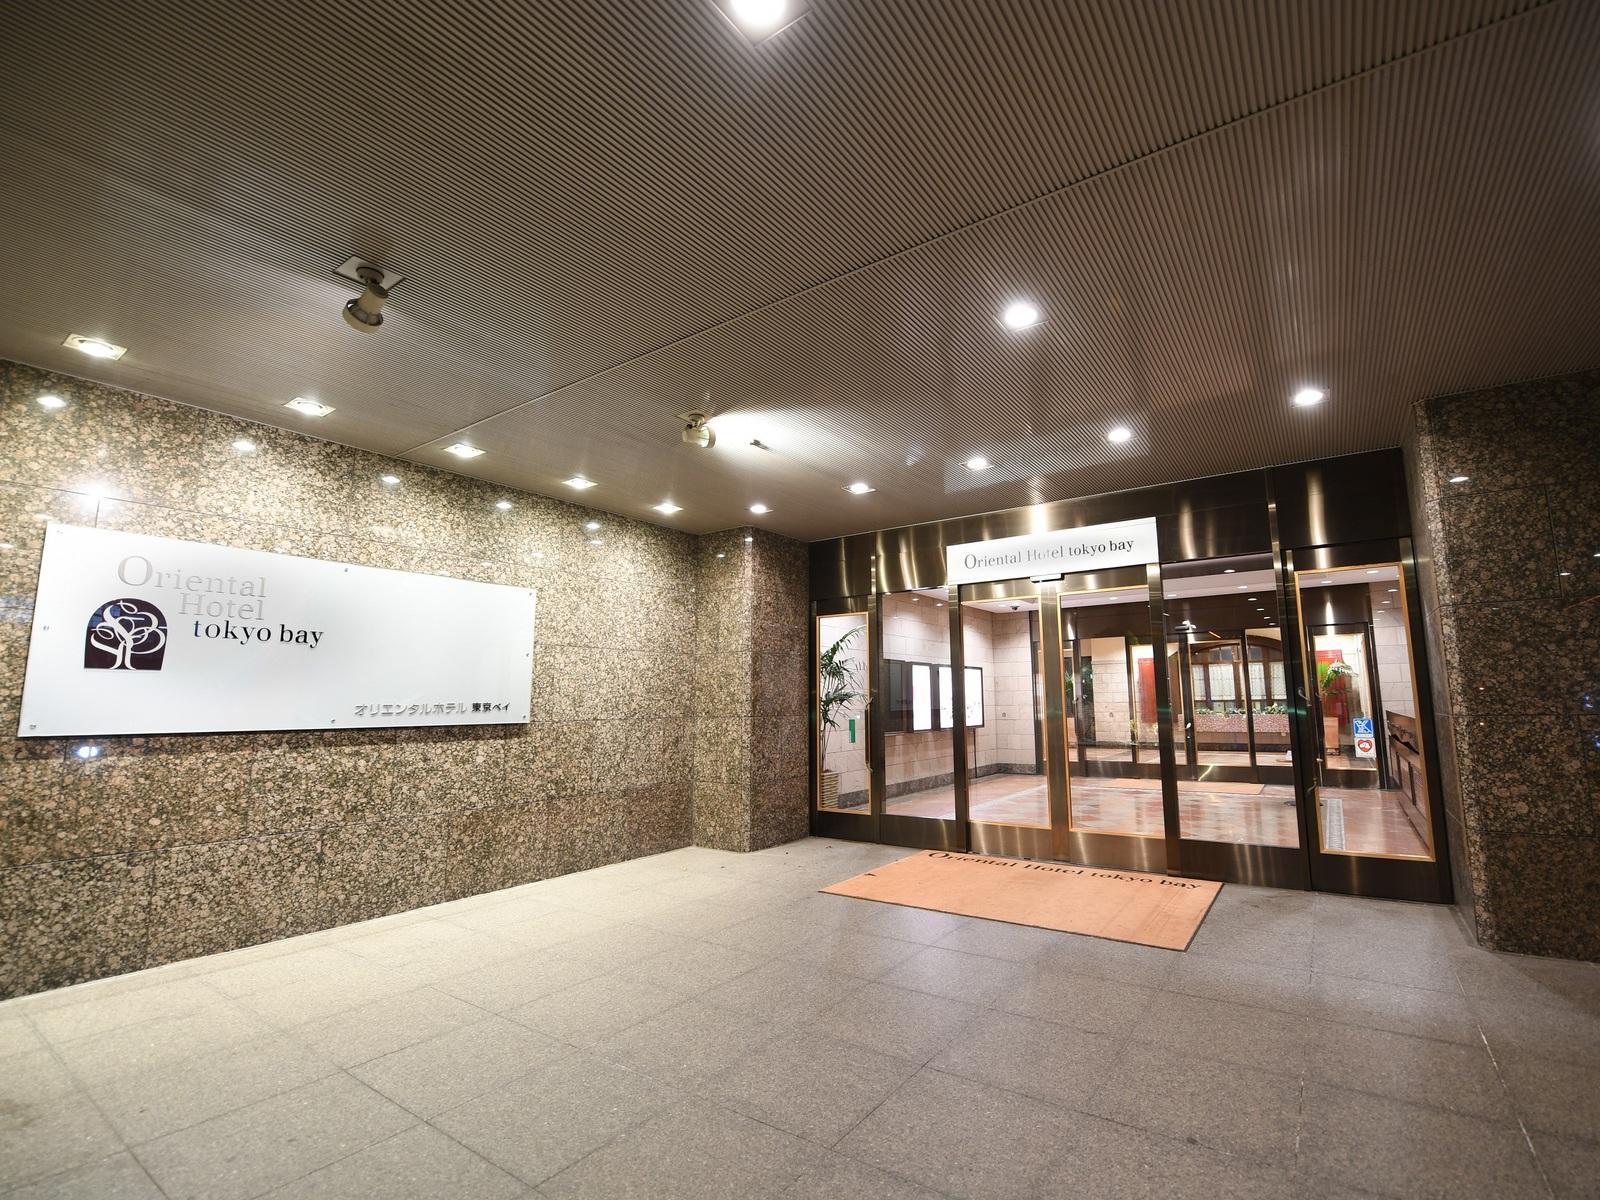 オリエンタルホテル 東京ベイ 【早期割30】スタンダード/スタンダードプラス 朝食付